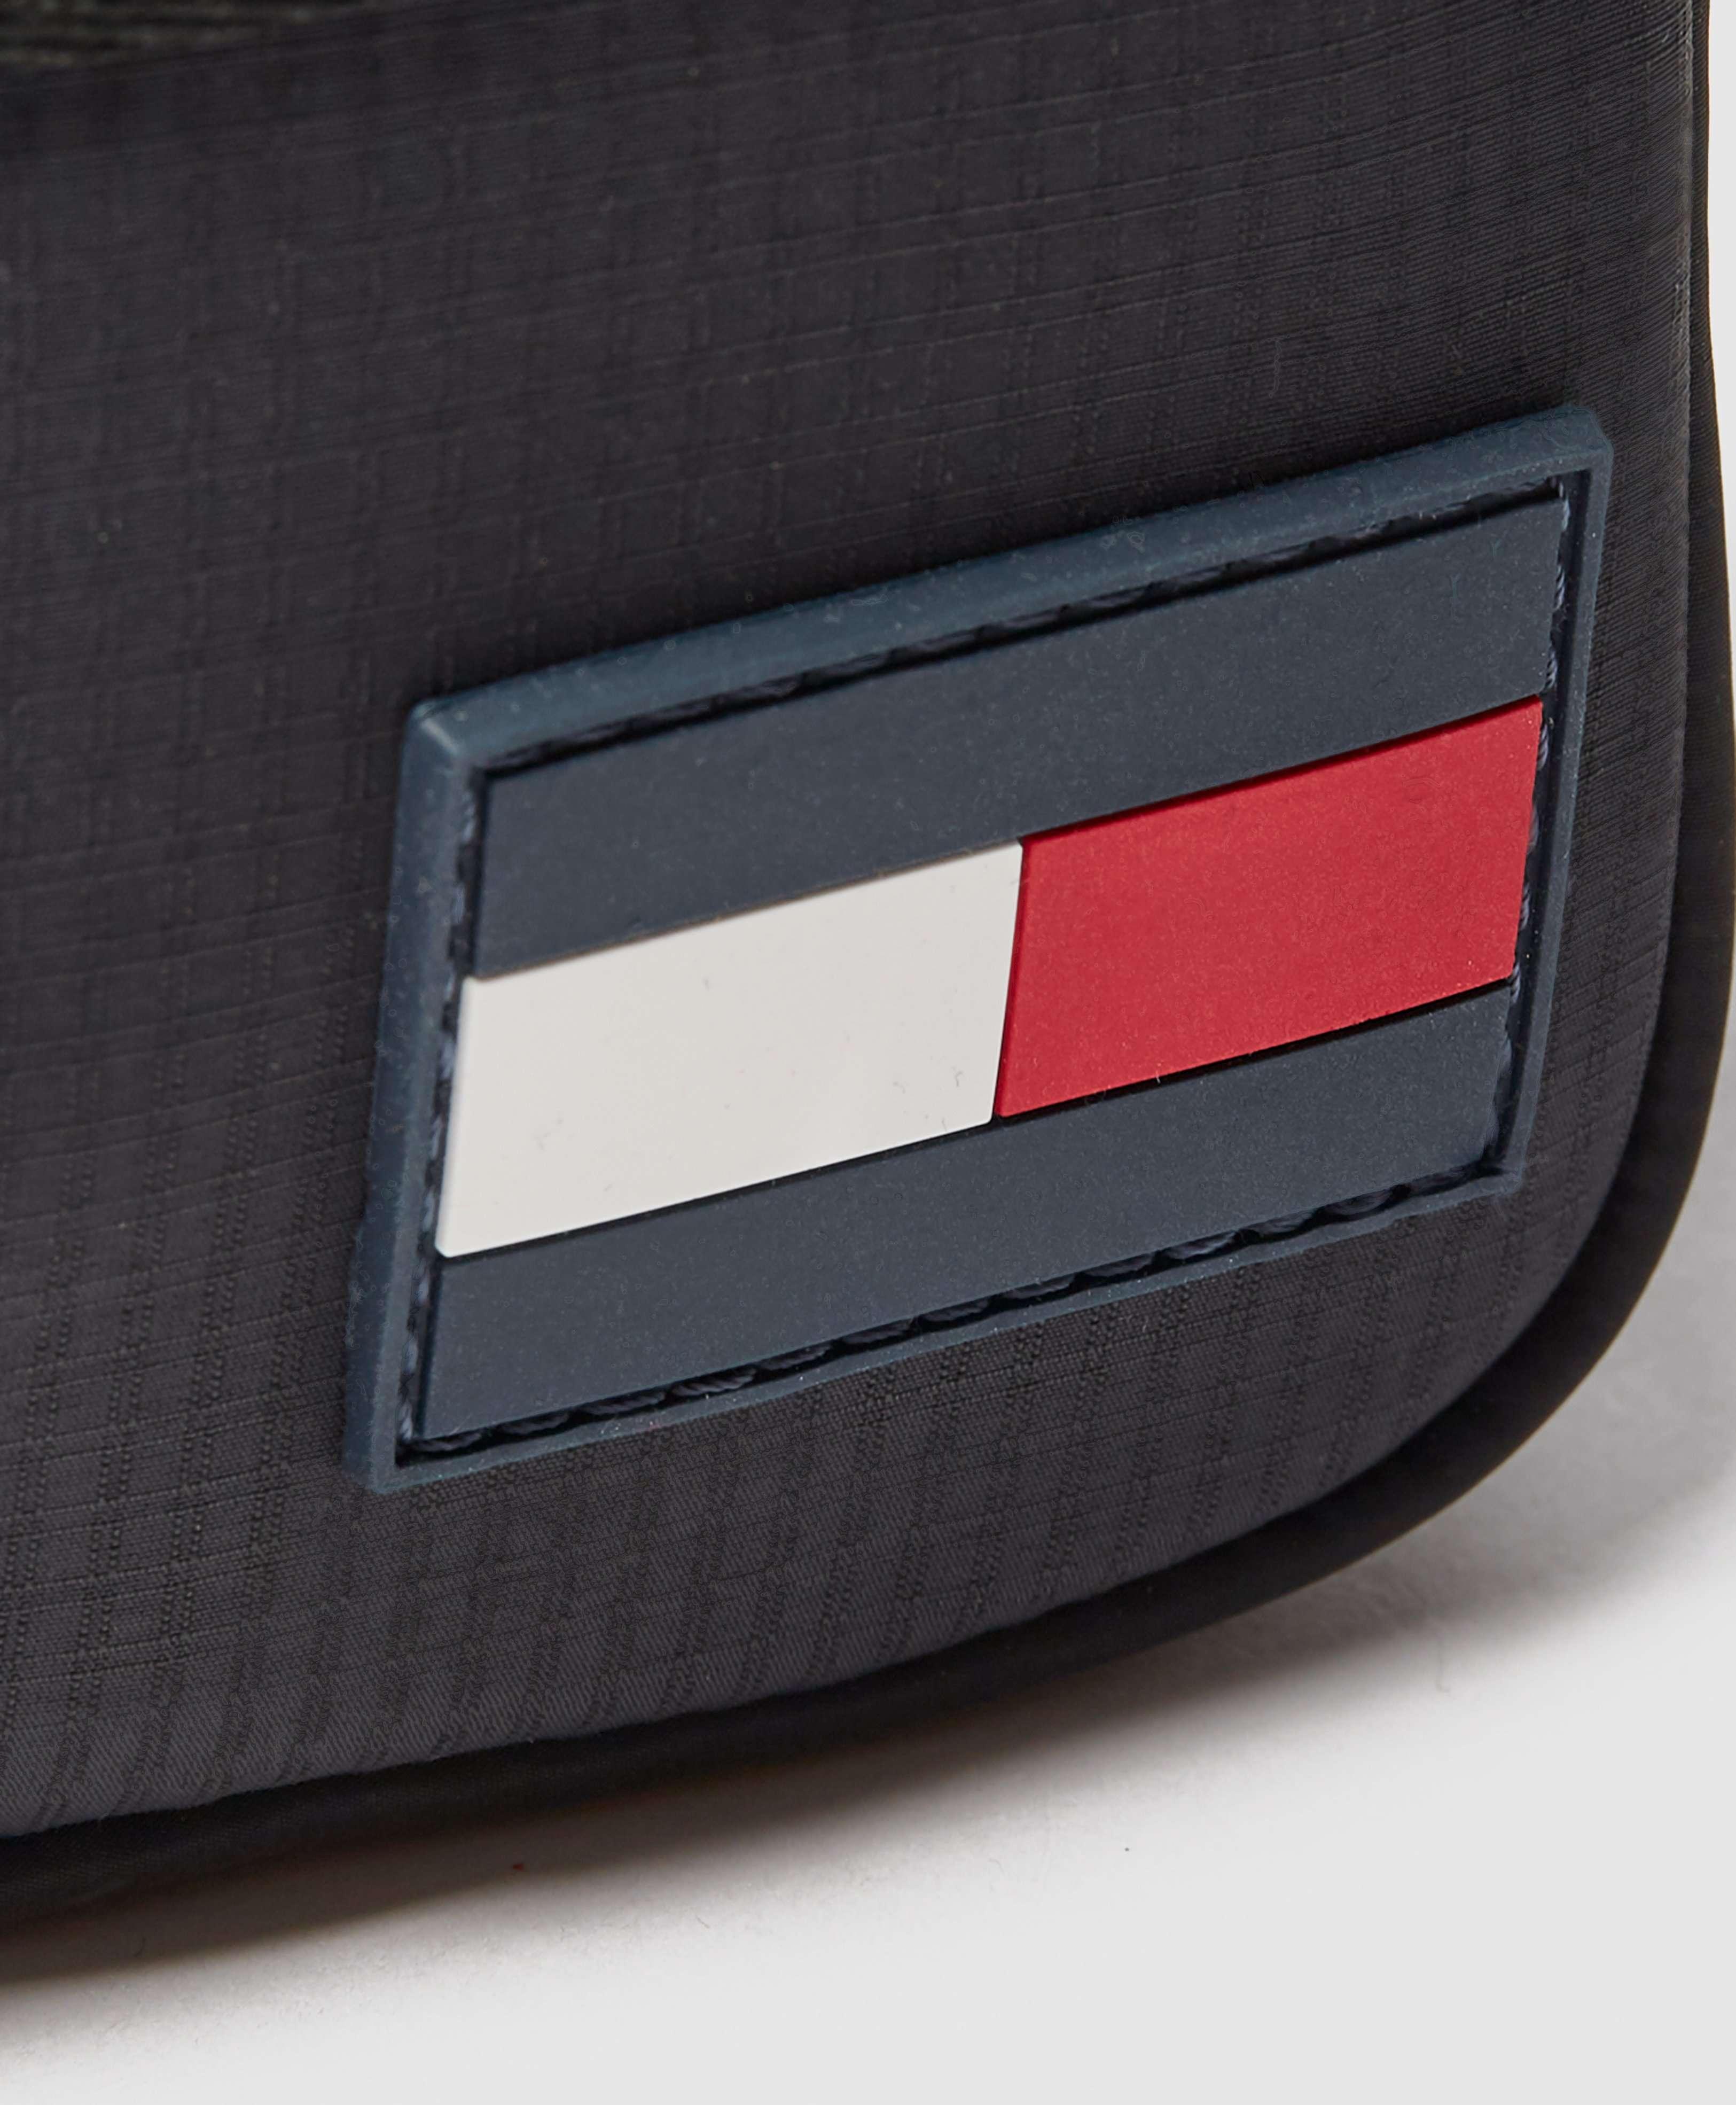 Tommy Hilfiger Cross Over Tape Bag